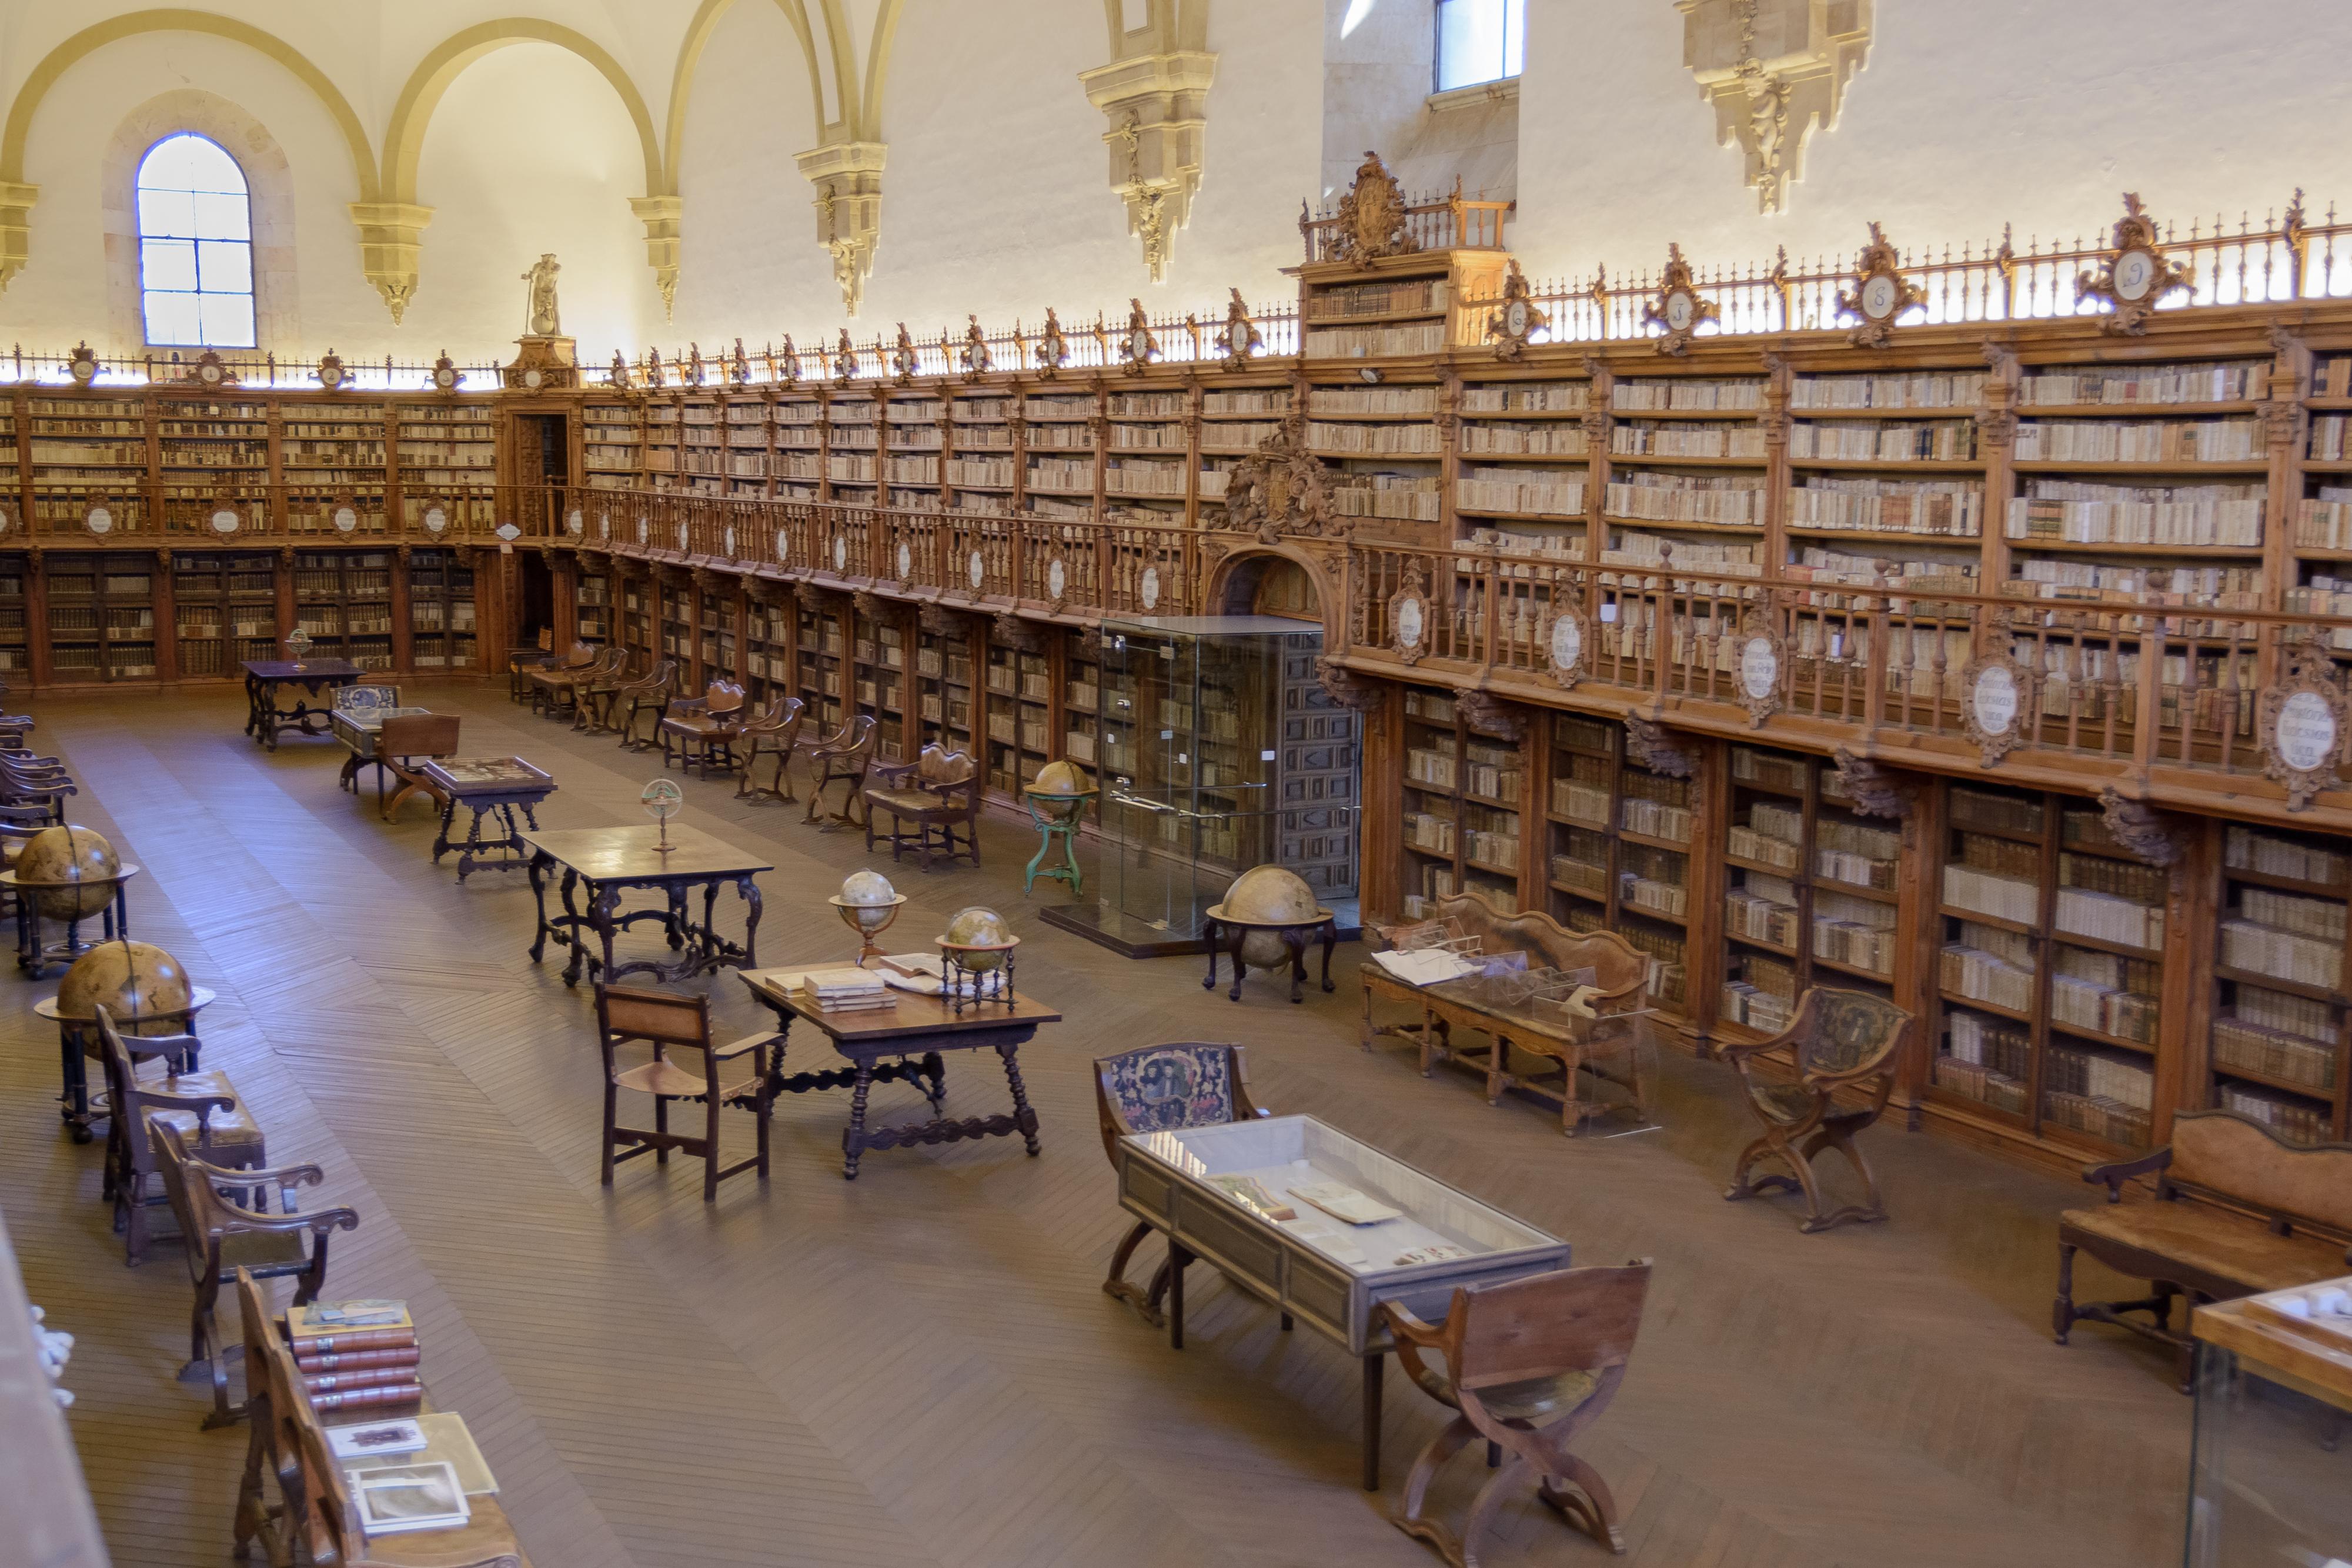 vista-general-de-la-biblioteca-general-historica-de-la-universidad-de-salamanca